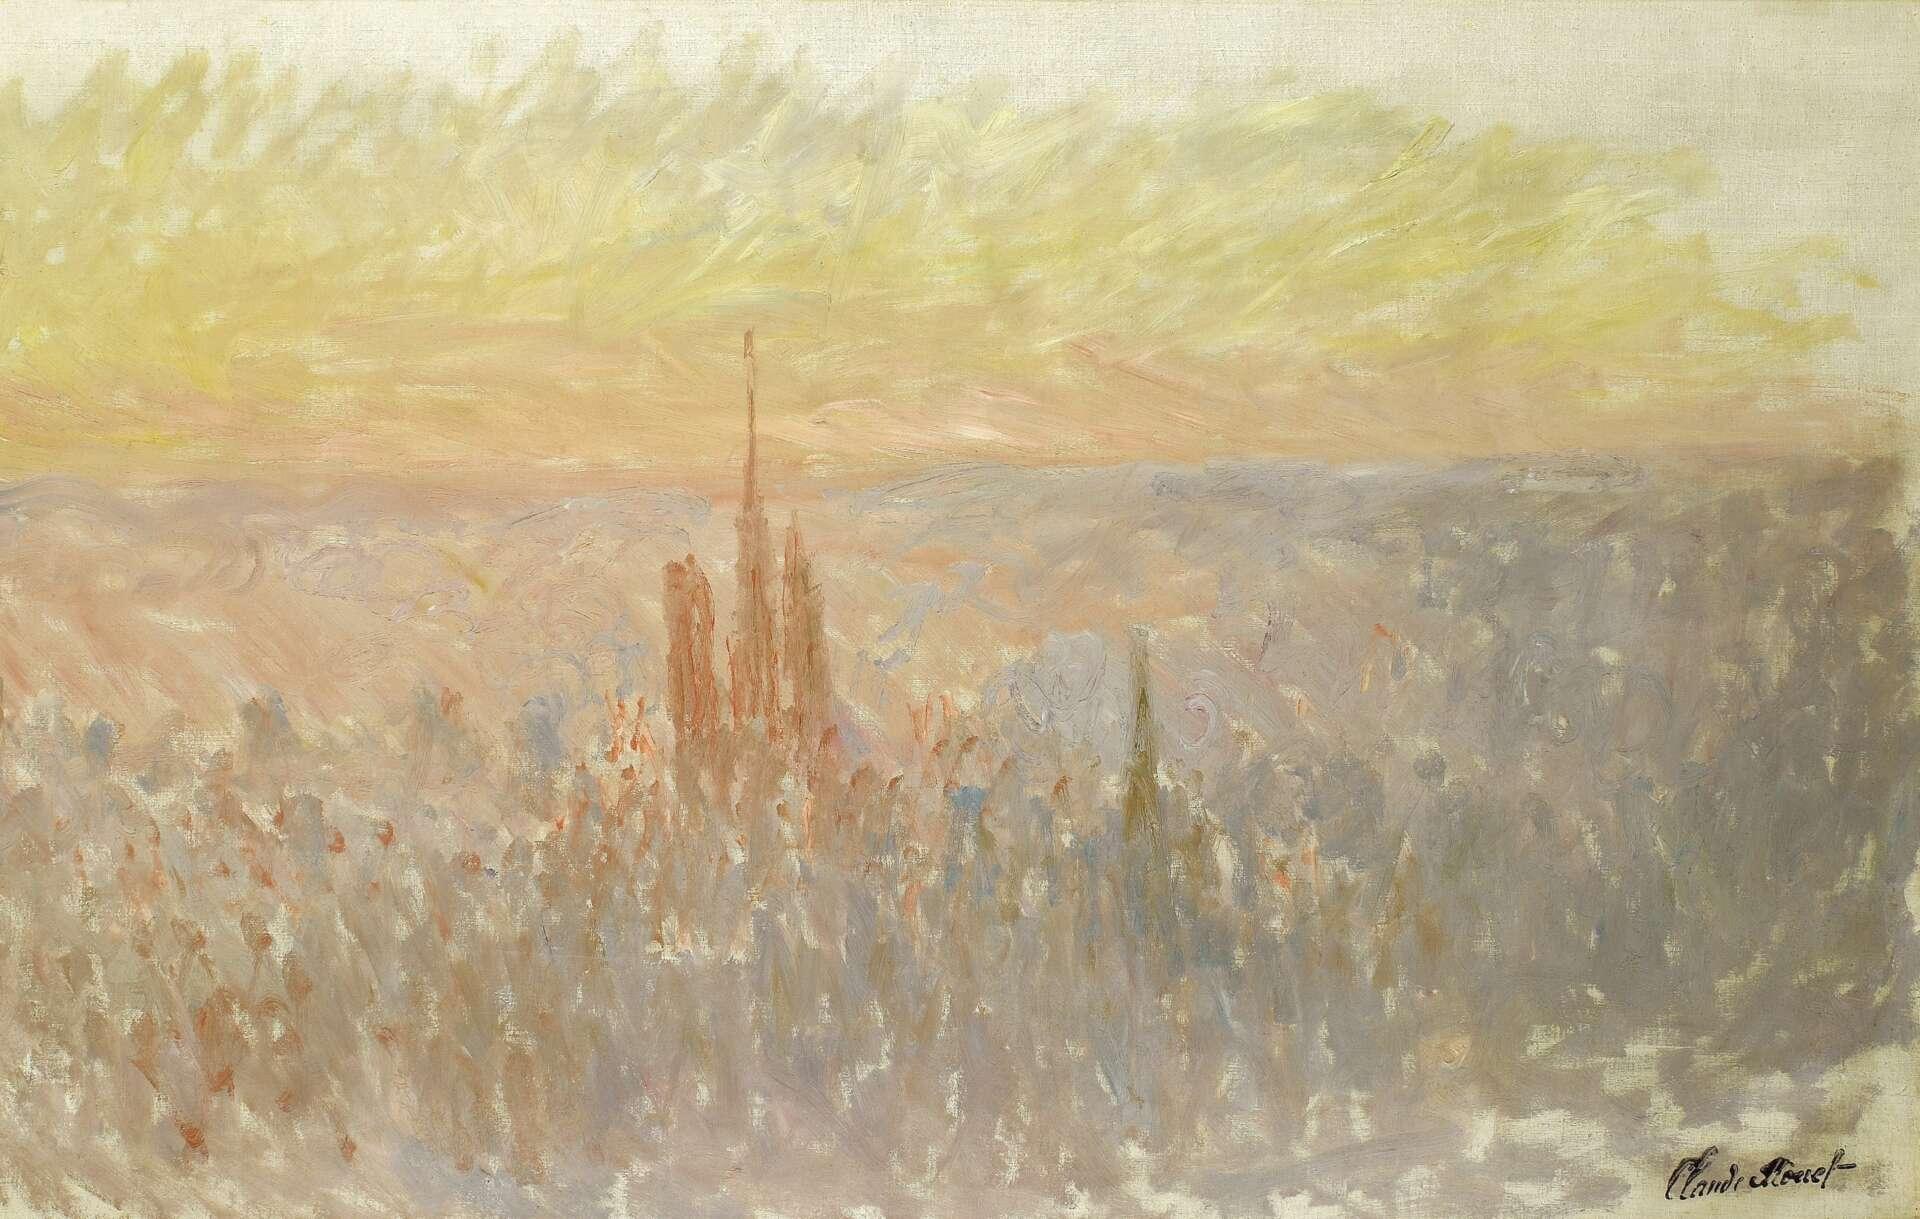 Vue de Rouen et de sa cathédrale, peinte par Claude Monet, Musée des Beaux-Arts de Rouen